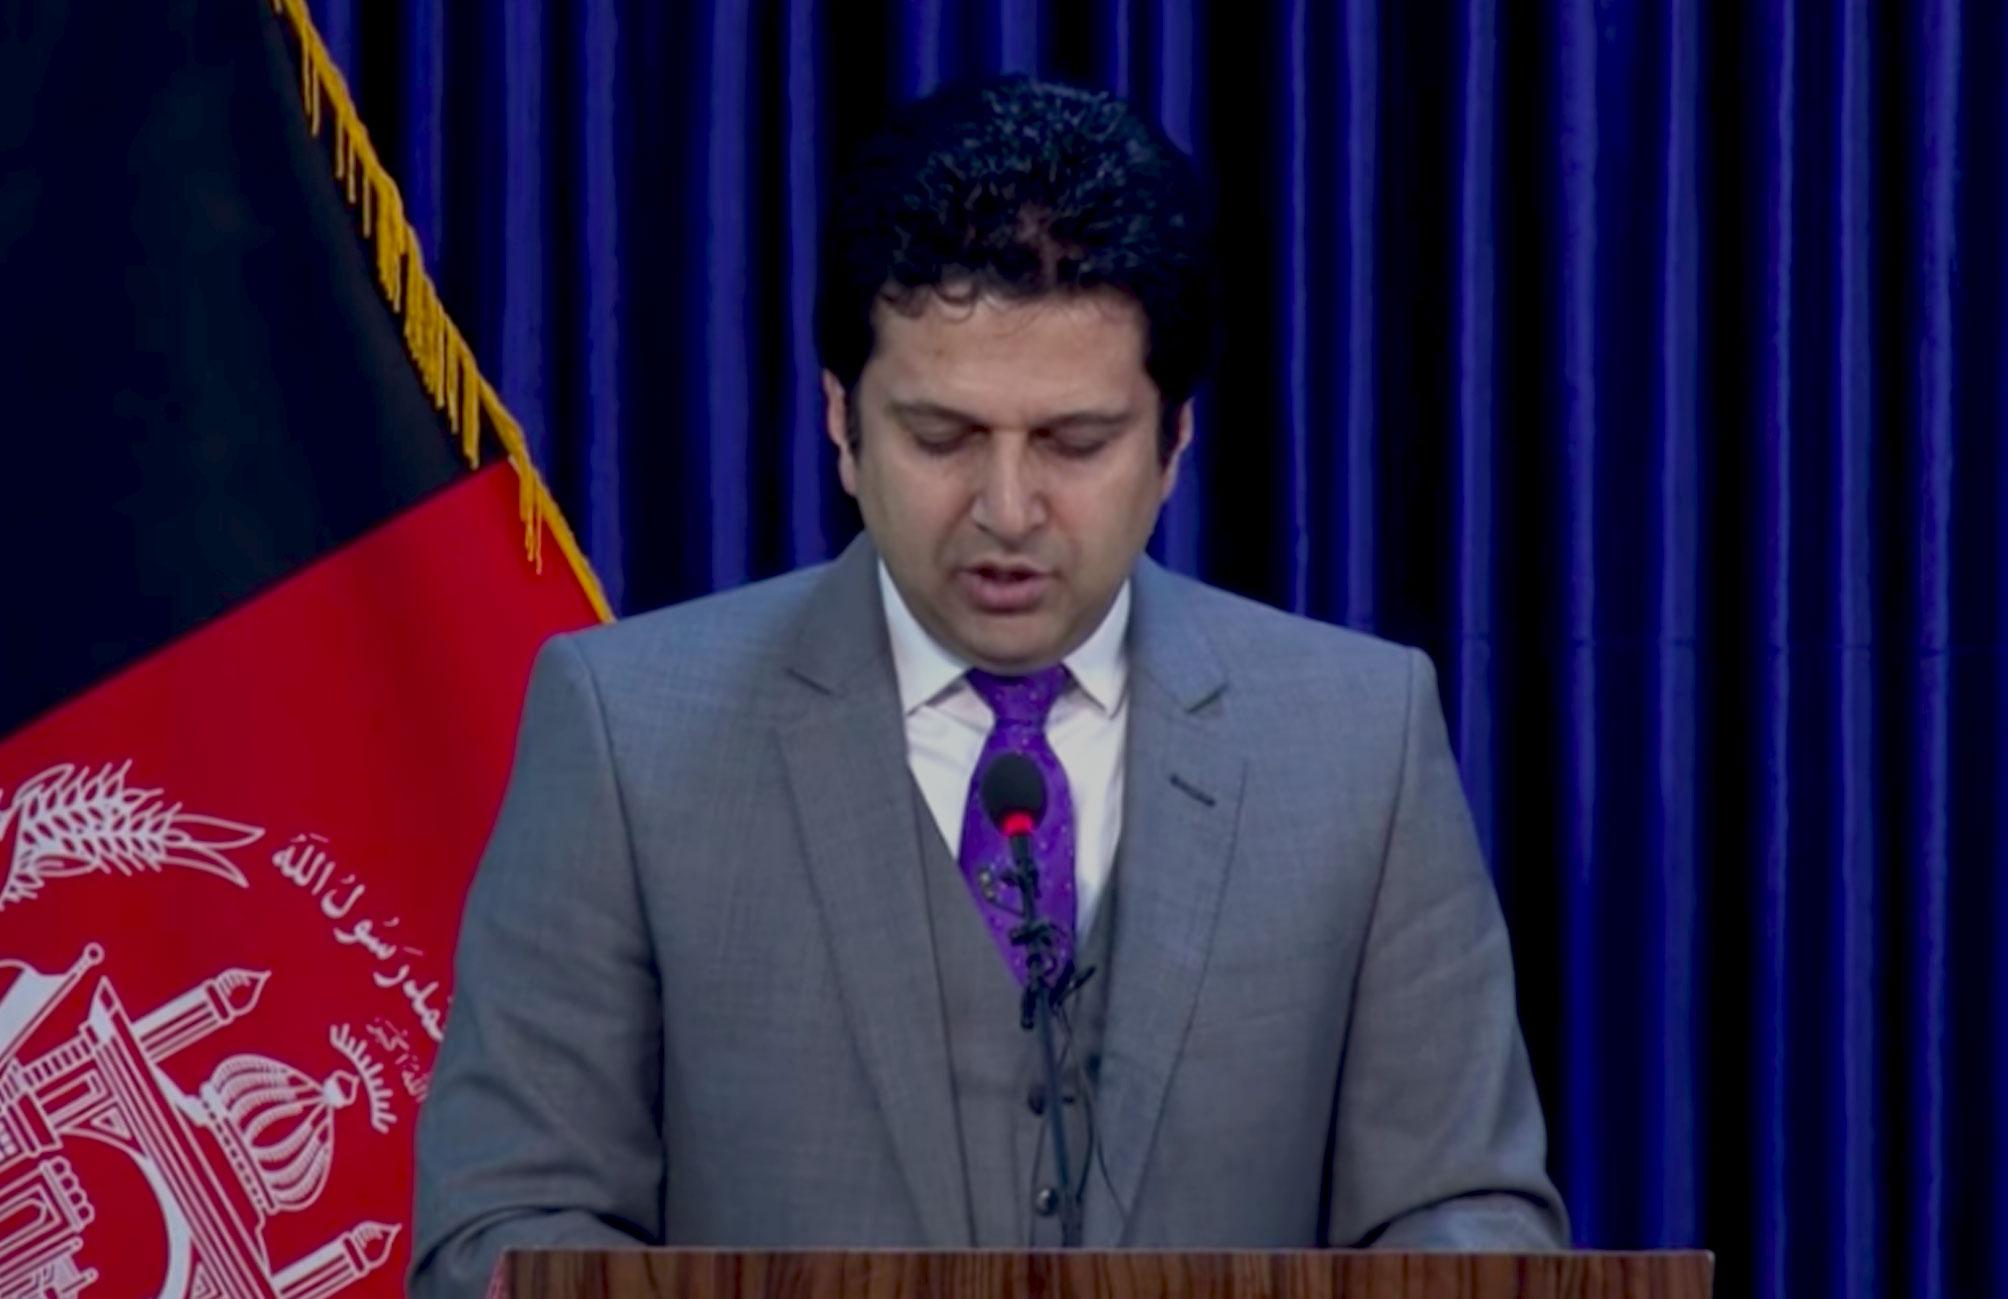 نشست خبری (۳) دکتور مجیب الرحمن رحیمی سخنگوی ریاست اجرائیه